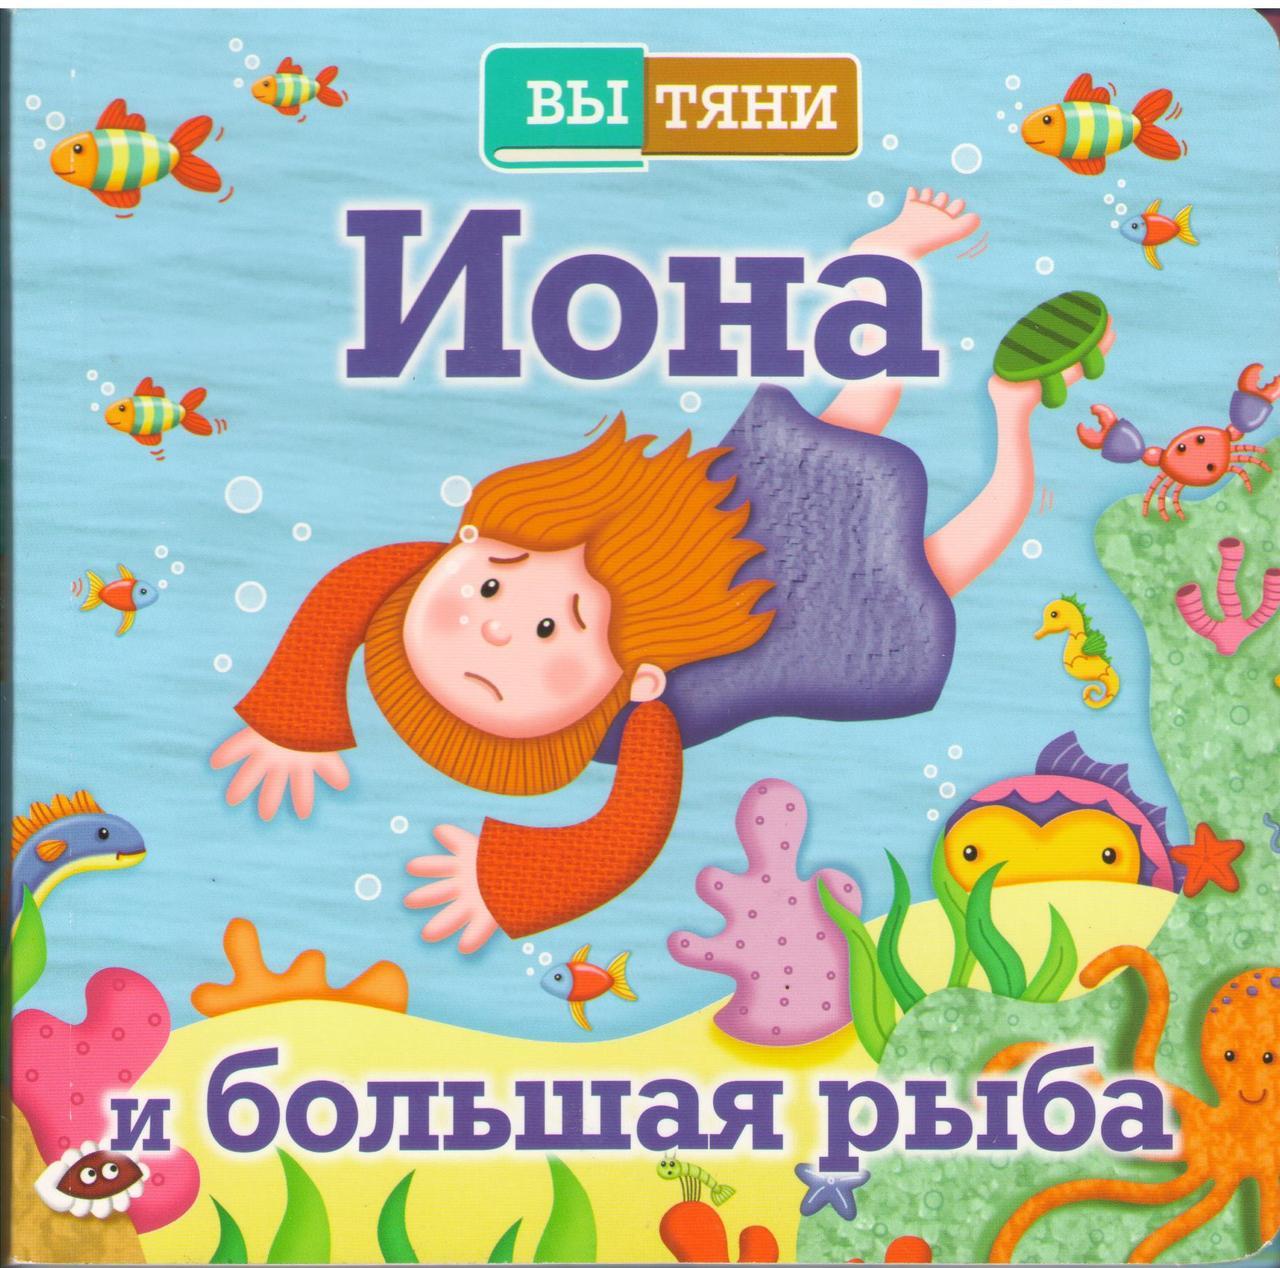 Іона і велика риба. Витягни... /книжка-іграшка/